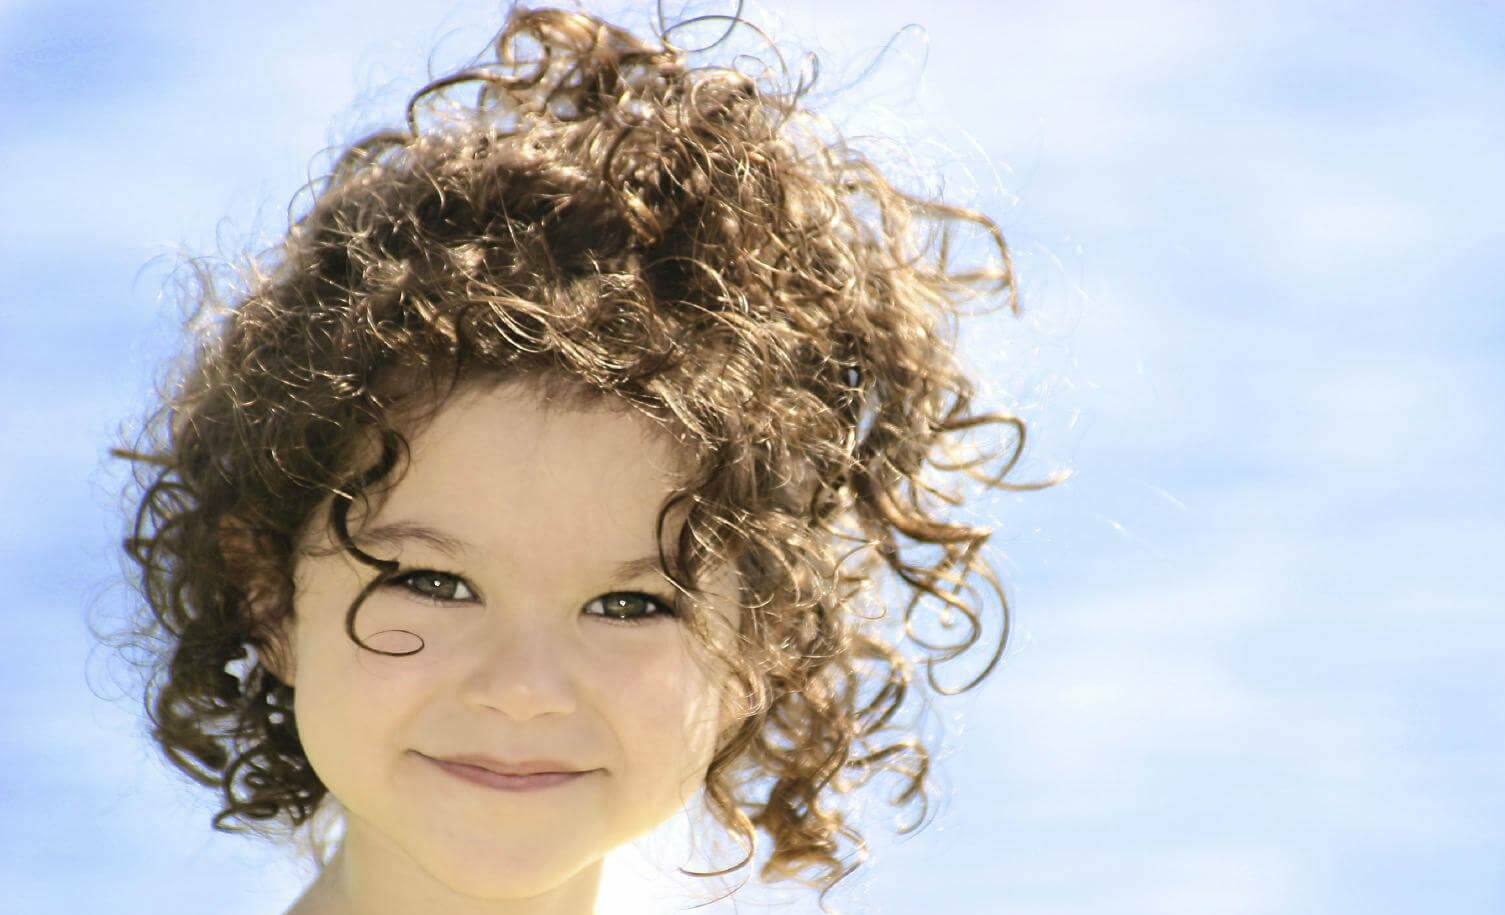 أنواع الشعر الكيرلي وأفضل الوصفات للحفاظ على الشعر المجعد صحيًا